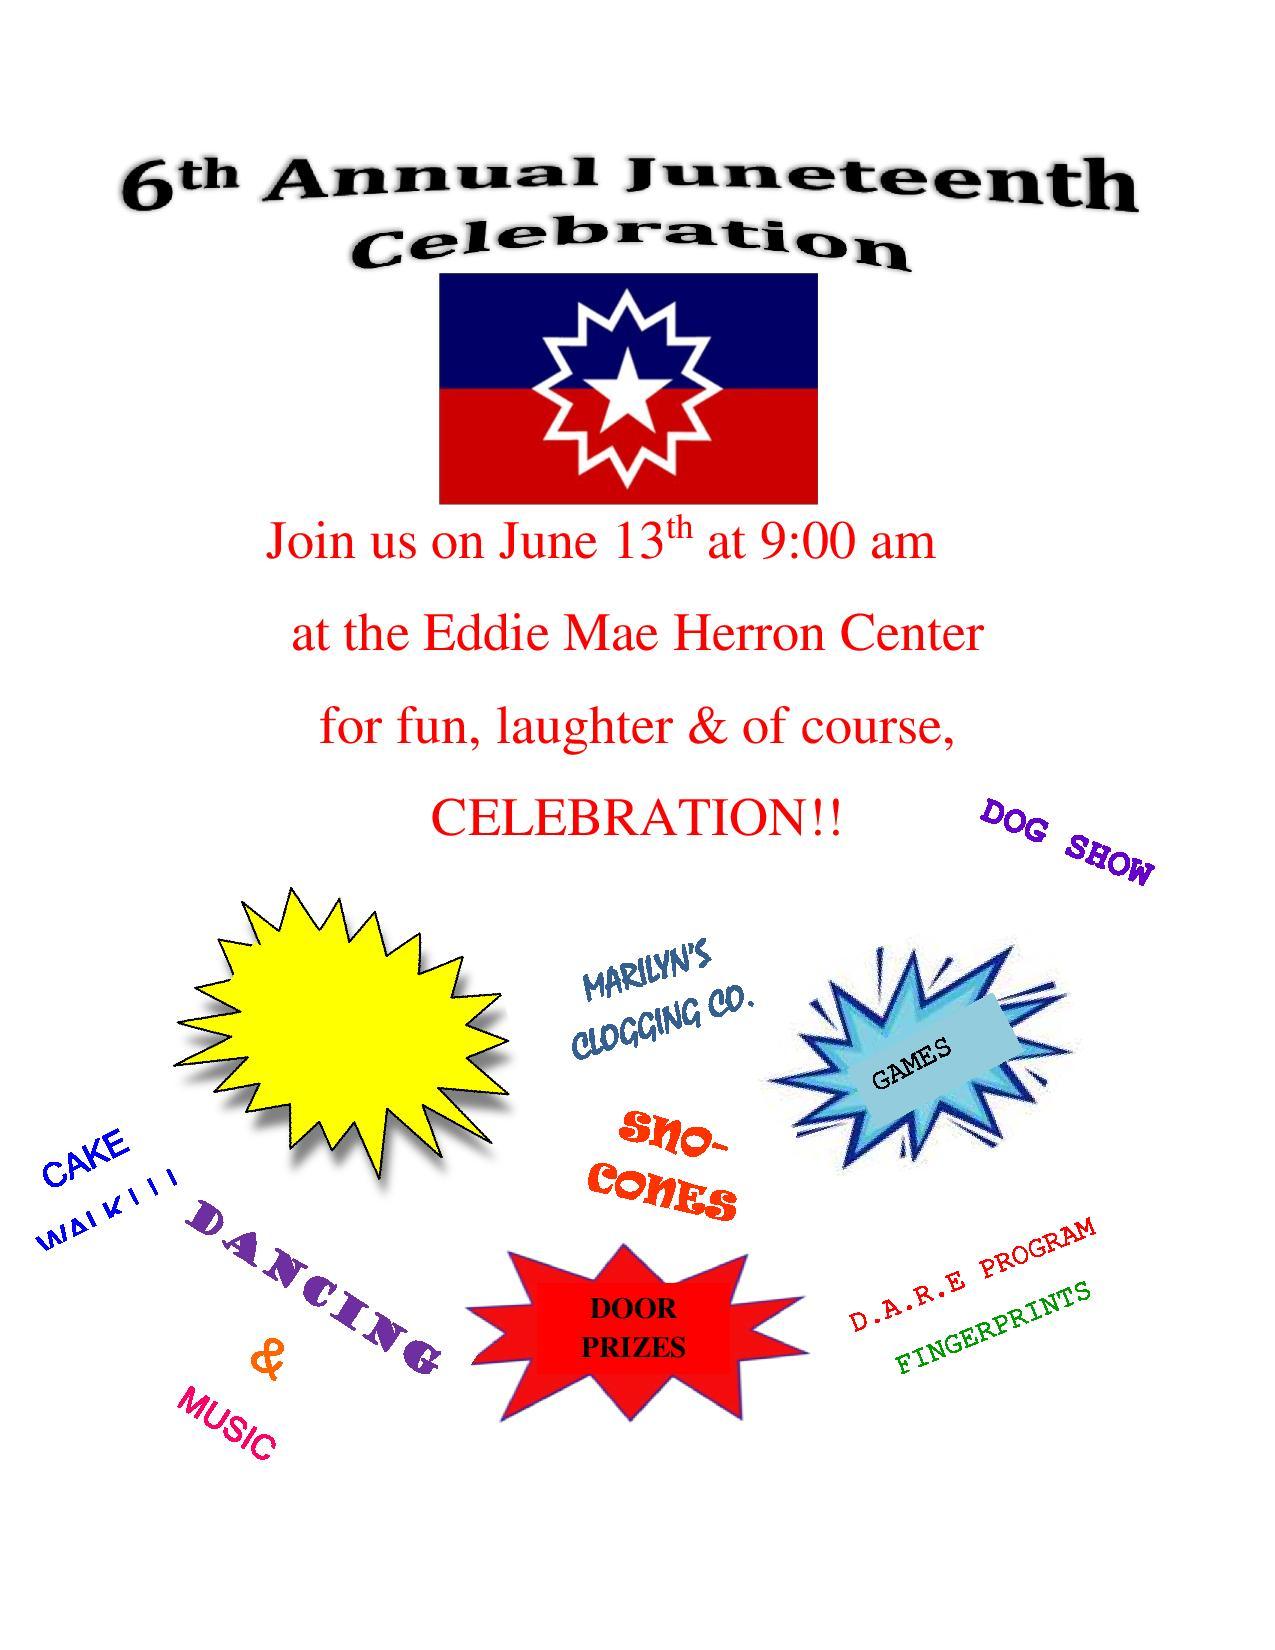 Juneteenth Celebration At The Eddie Mae Herron Center